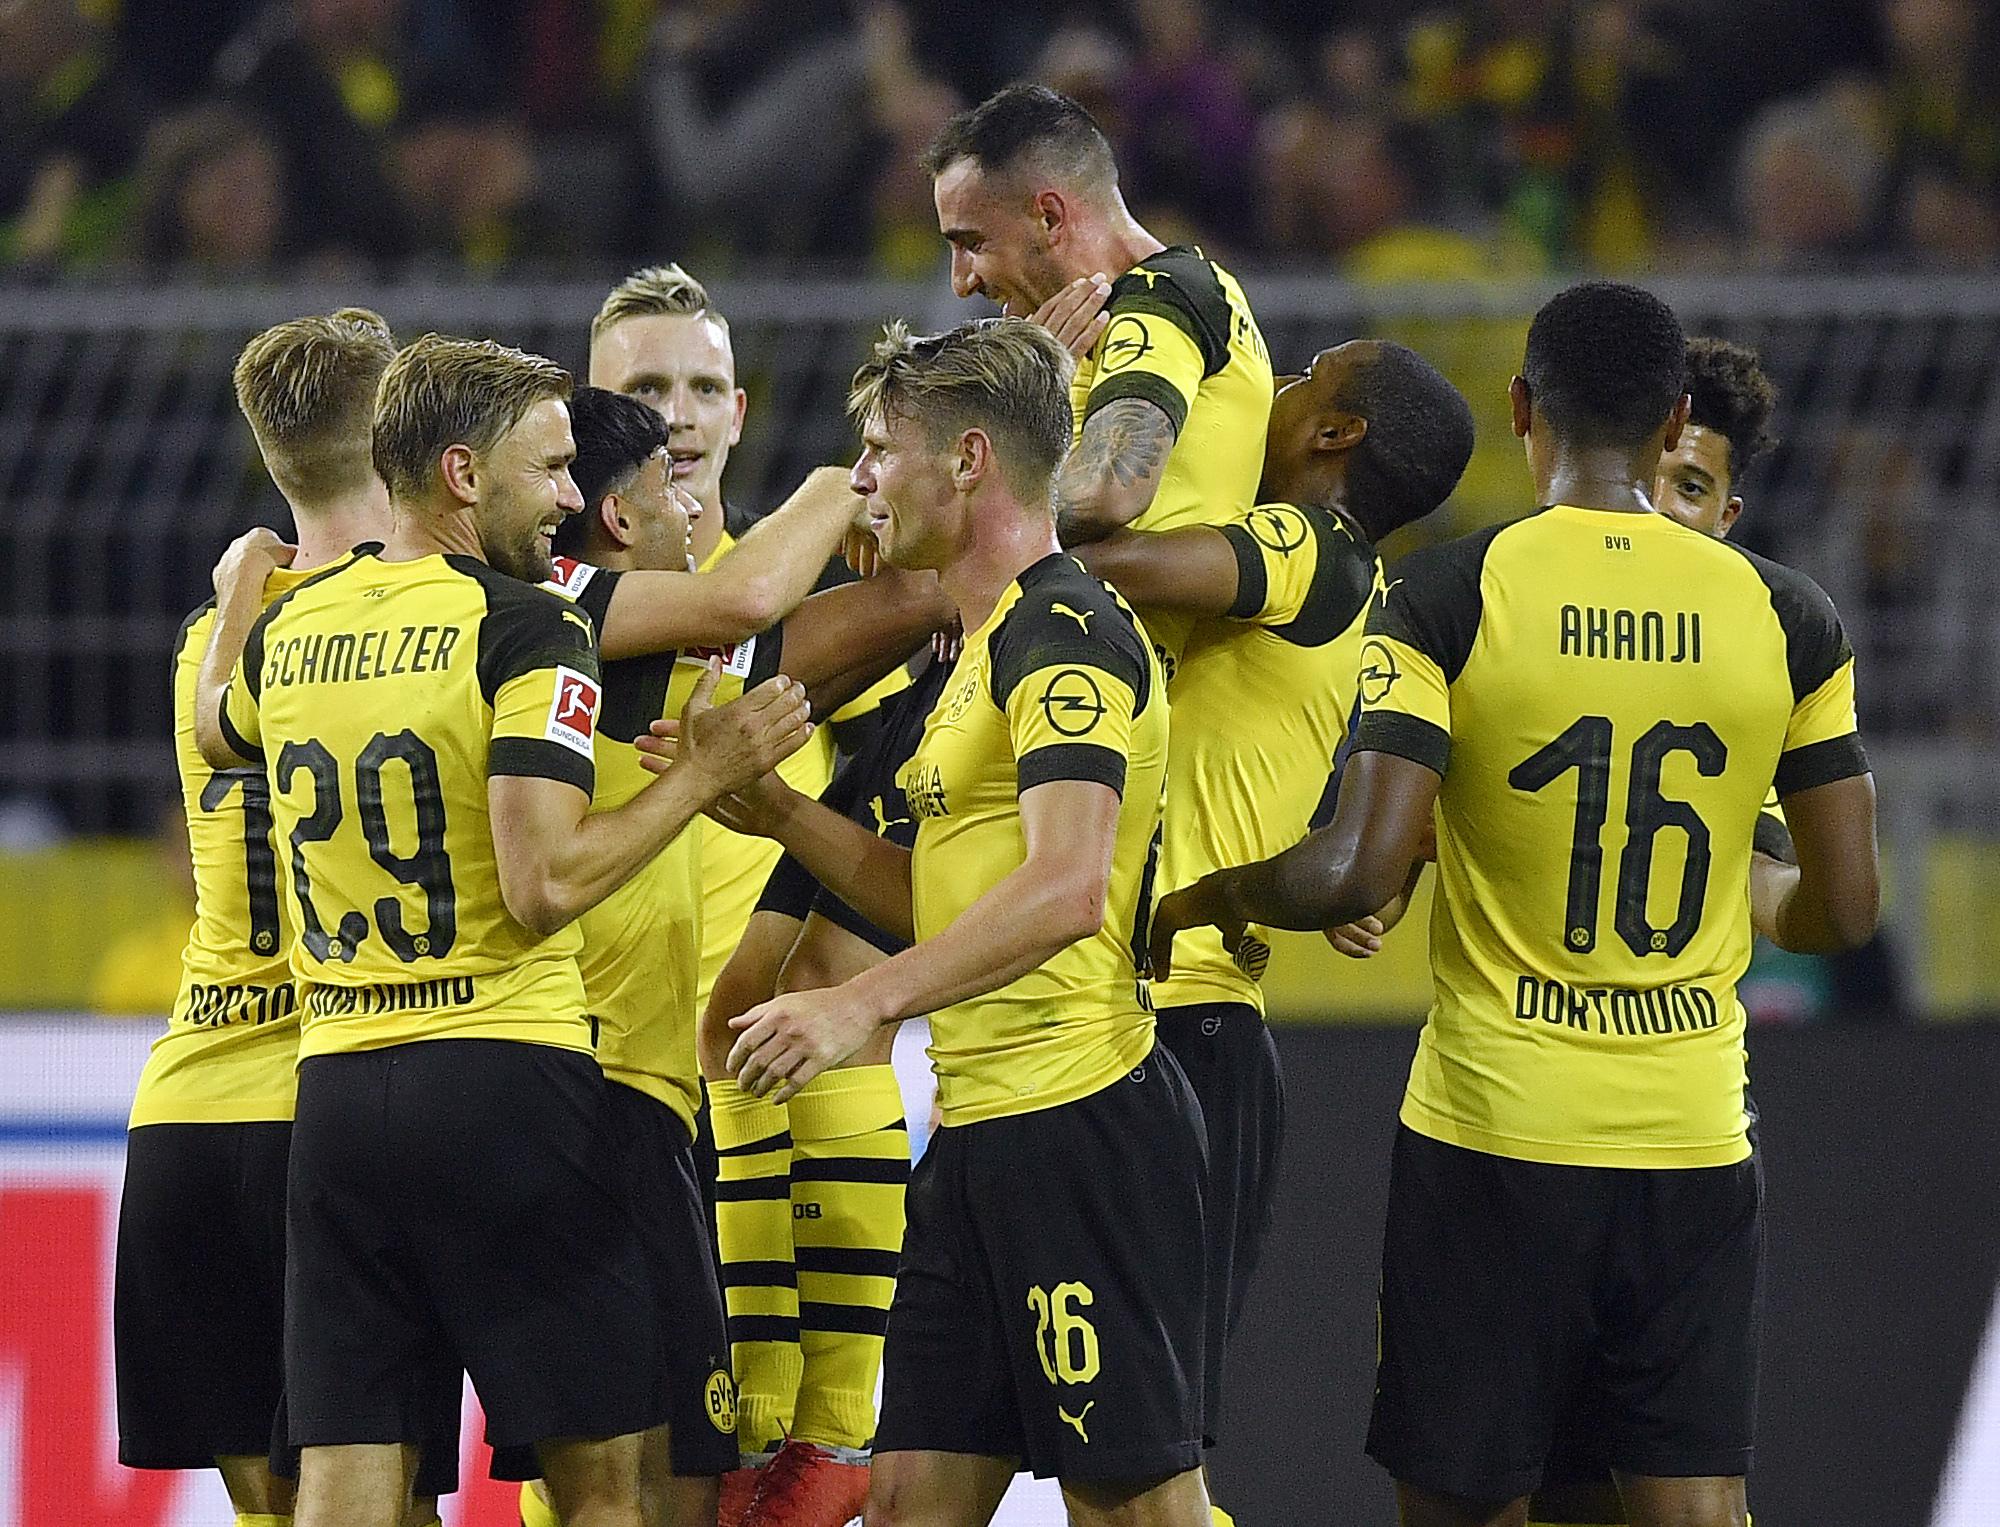 Alcacer stars in debut, seals Dortmund's 3-1 win in Germany